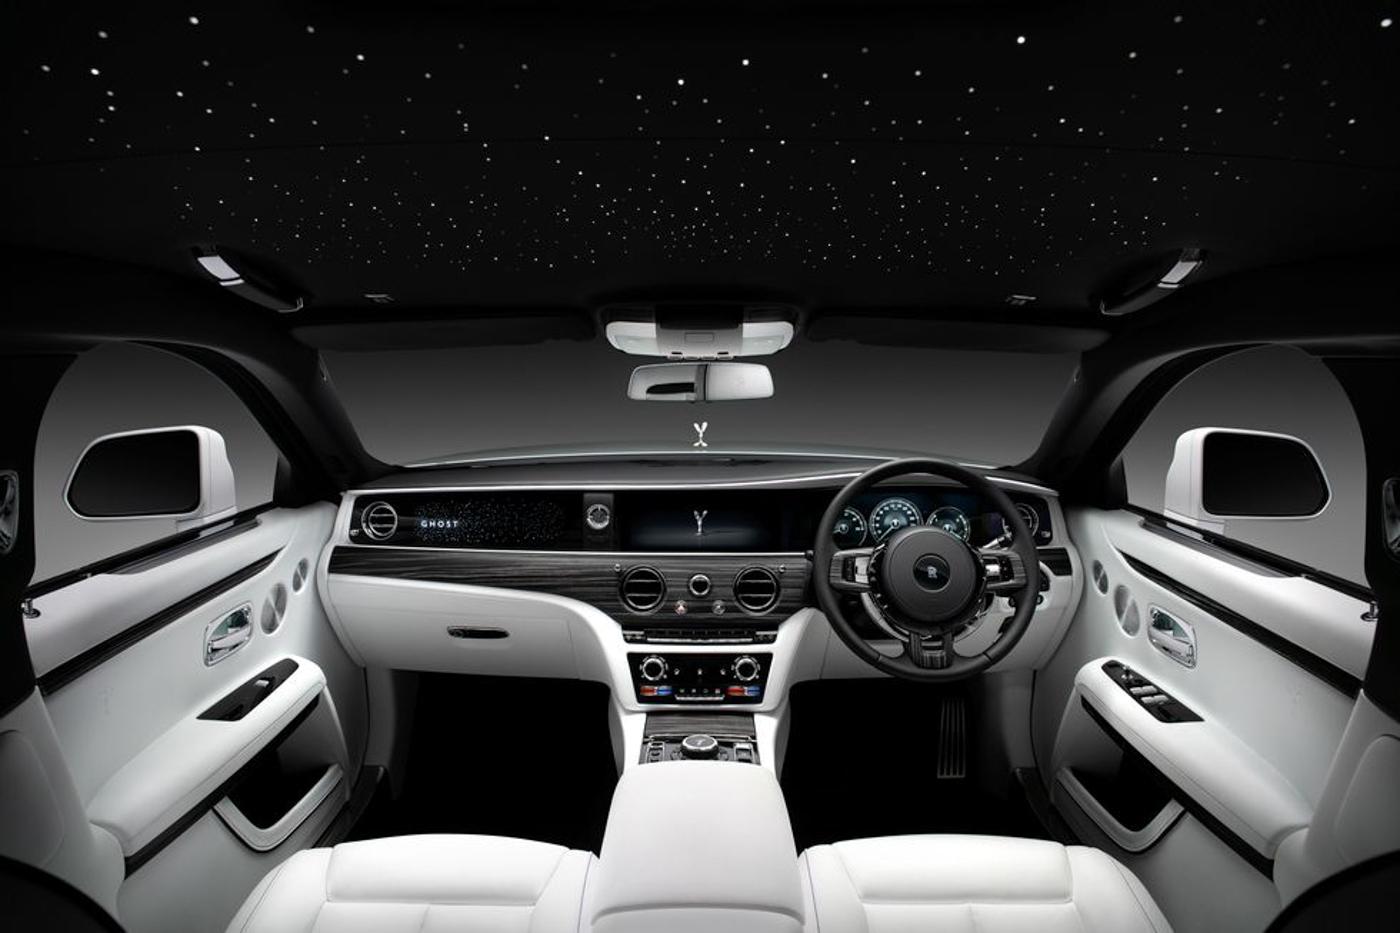 Rolls-Royce-NewGhost-biểu-tượng-xa-hoa-thế-hệ-mới-ra-mắt-khách-hàng-Việt-4.jpg